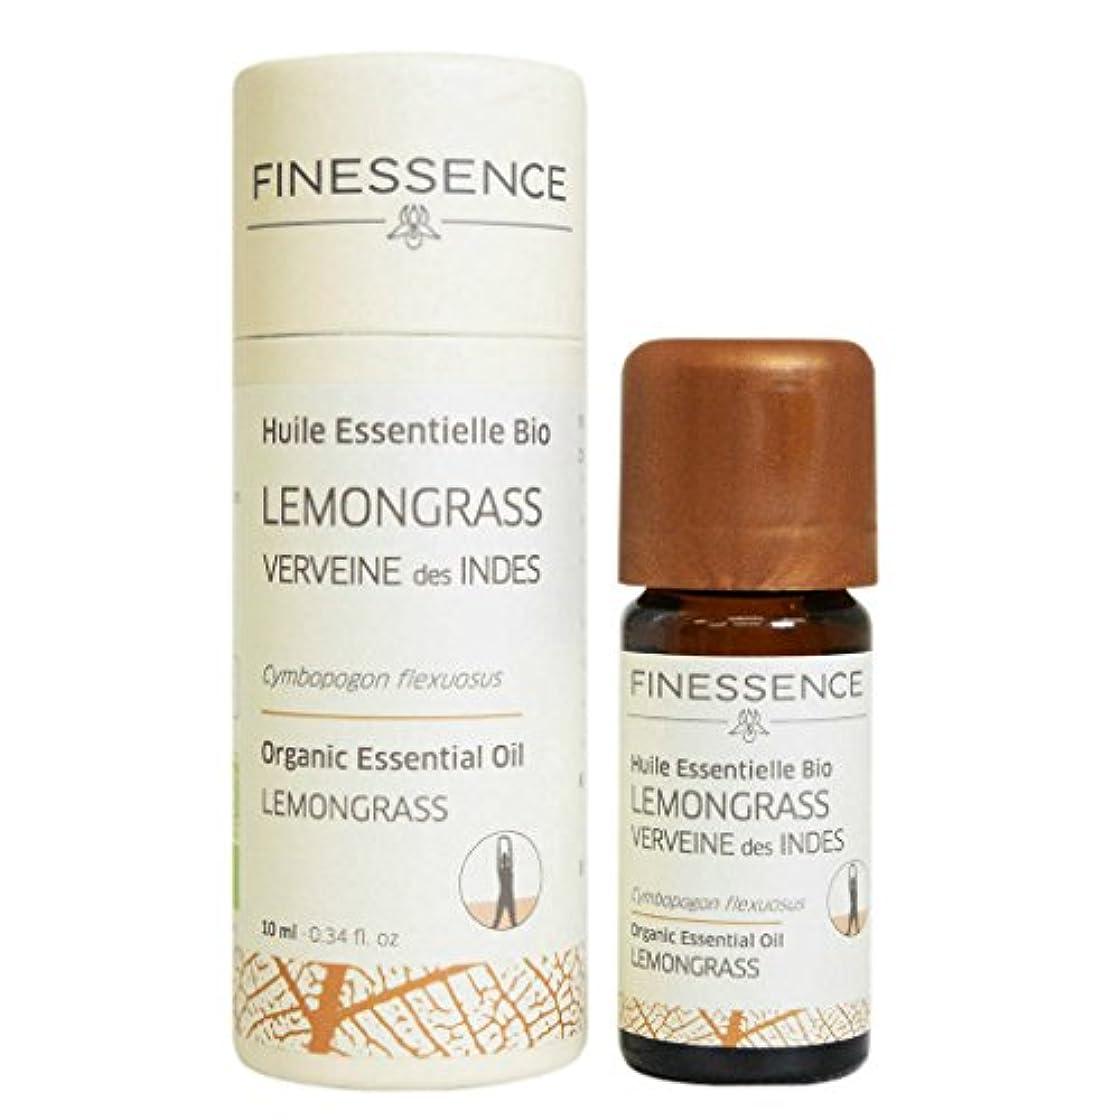 ちらつきマインドフル配分フィネッサンス (FINESSENCE) オーガニックエッセンシャルオイル レモングラス 10ml